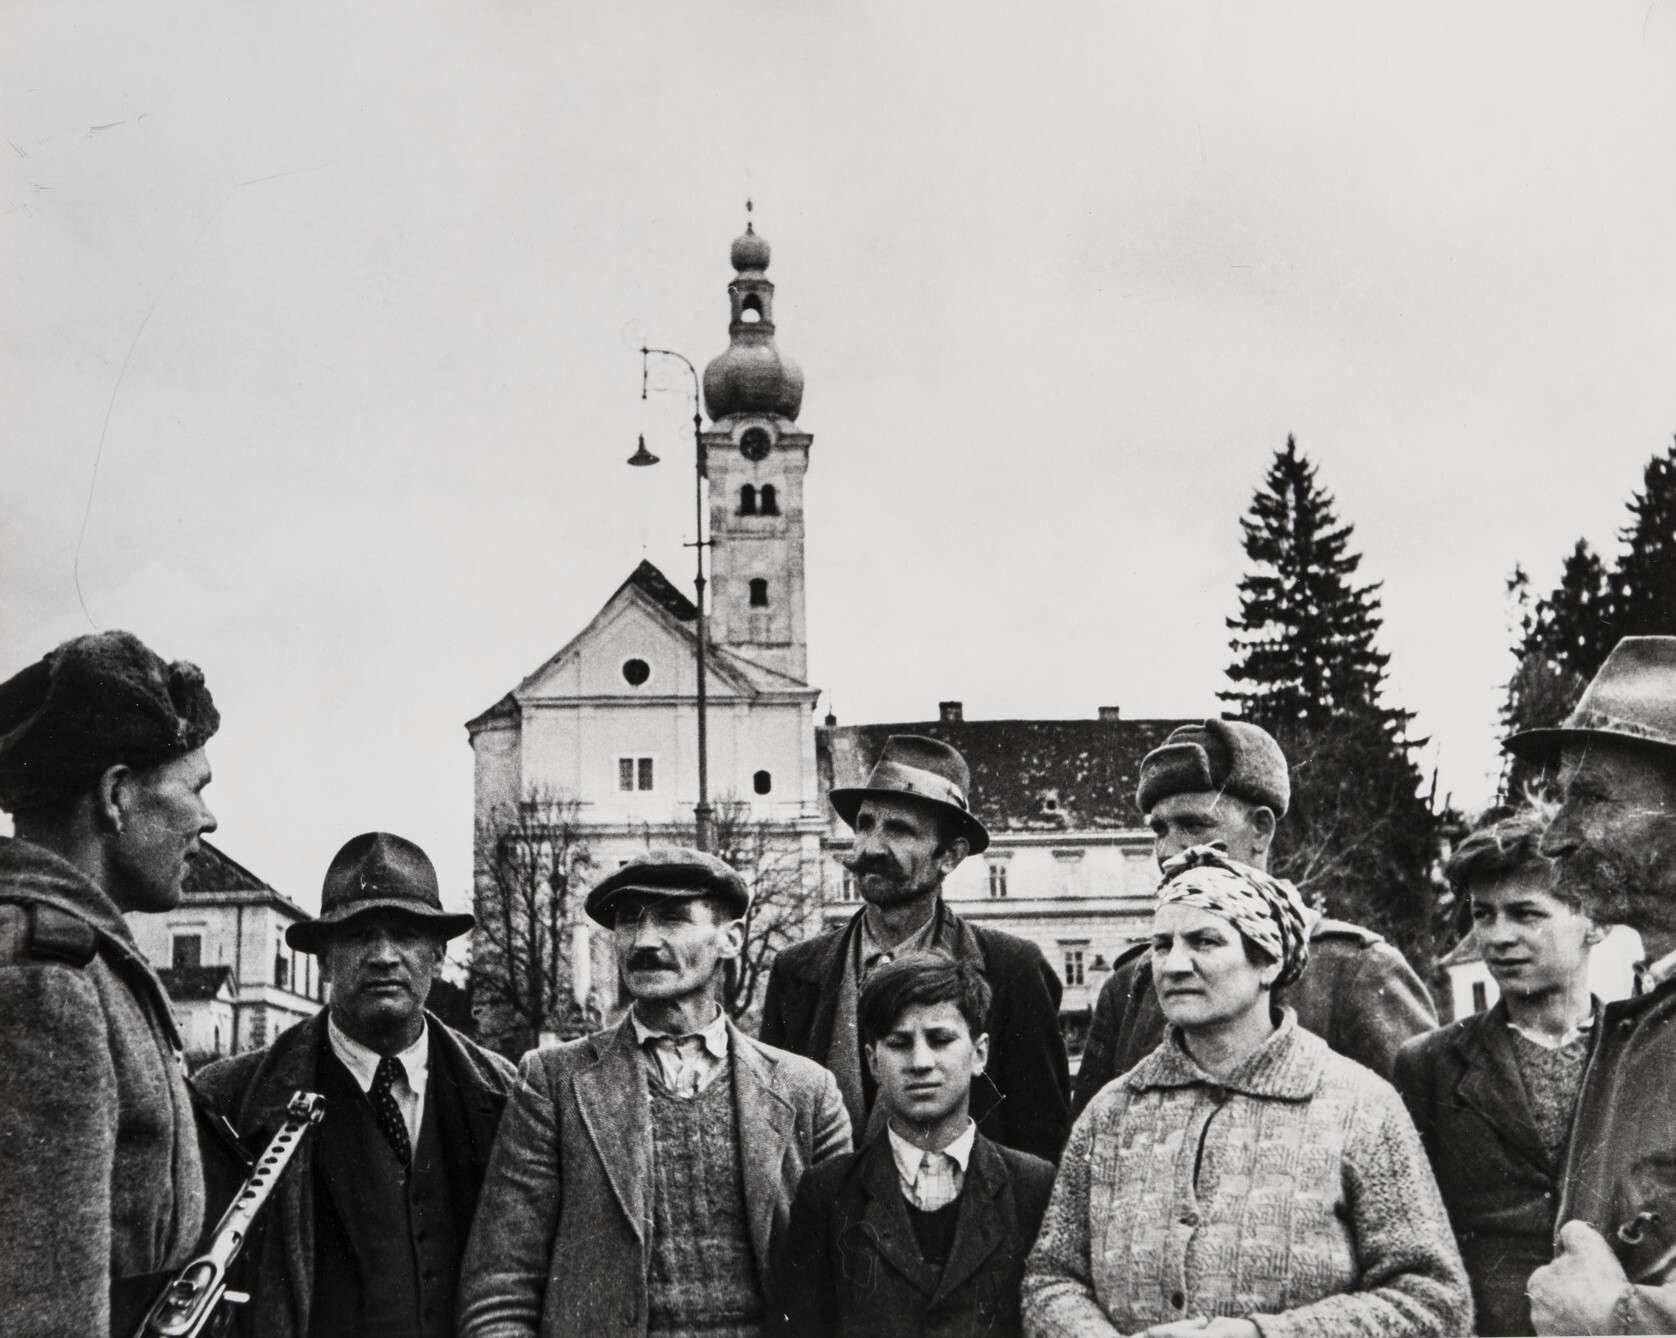 Евгений Халдей.    Советский солдат и жители освобожденной Вены   Австрия,1945